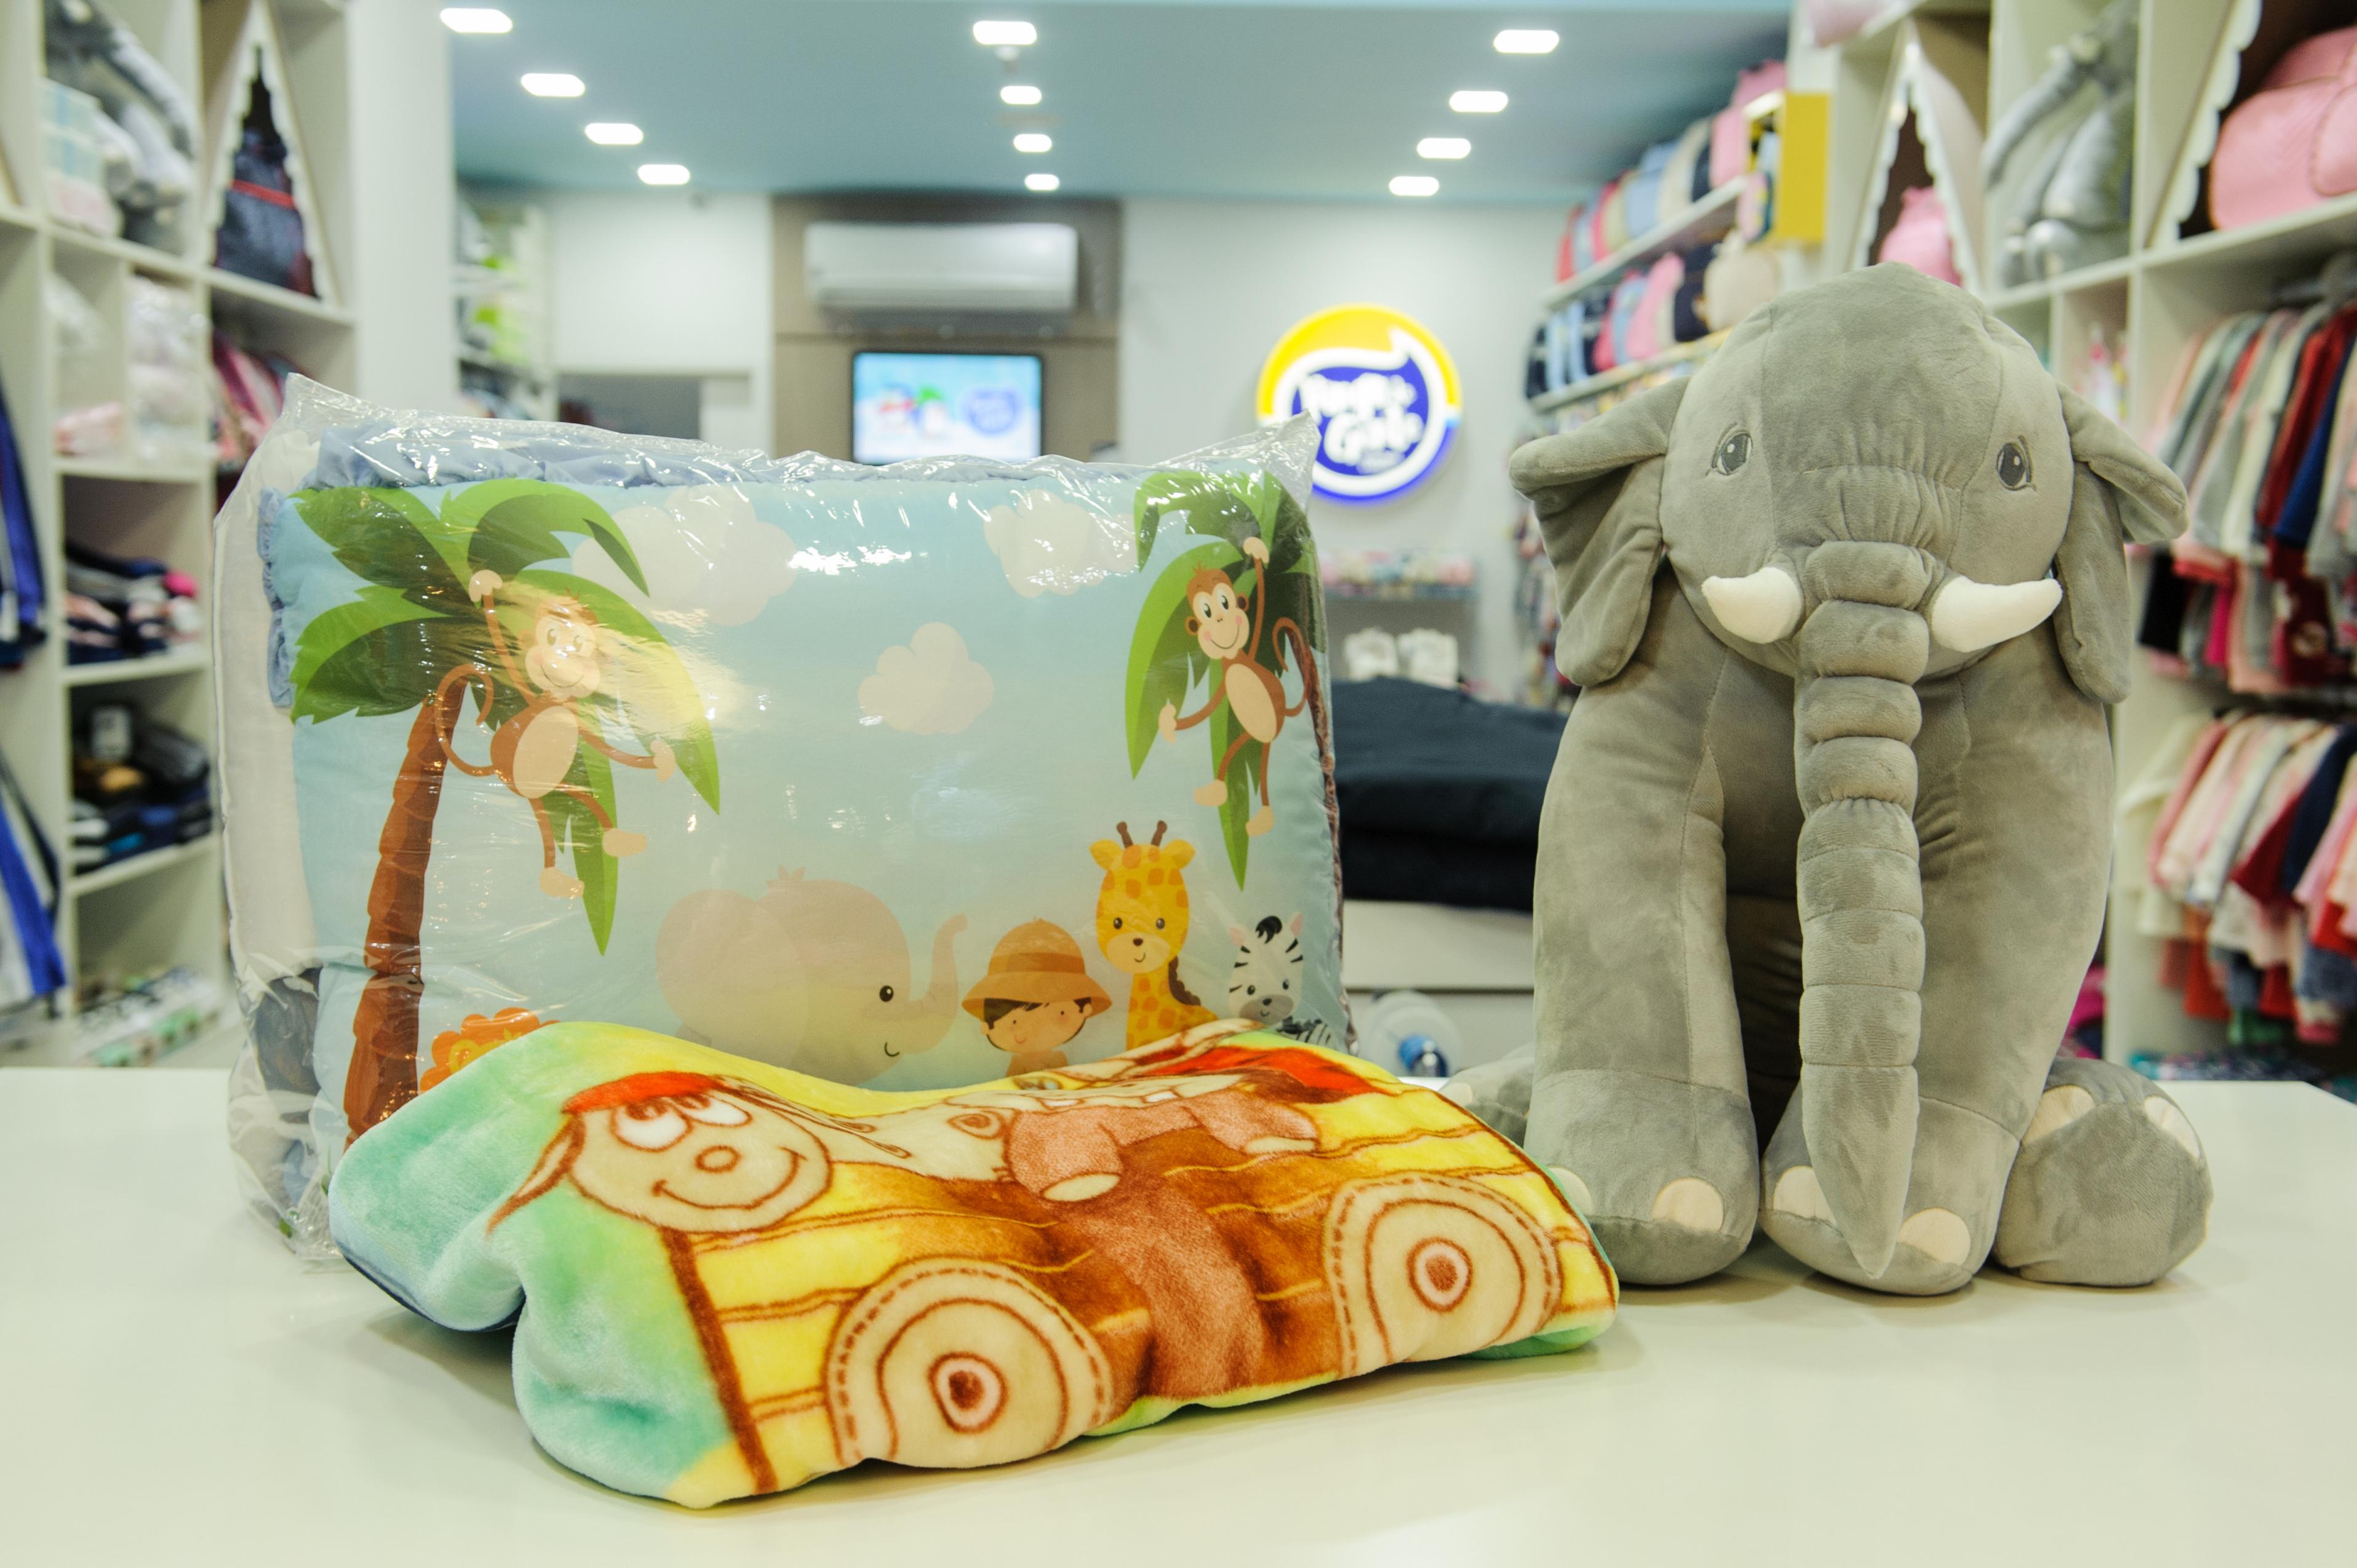 A foto mostra um conjunto de cama com desenho de animais e um elefante de pelúcia ao lado.